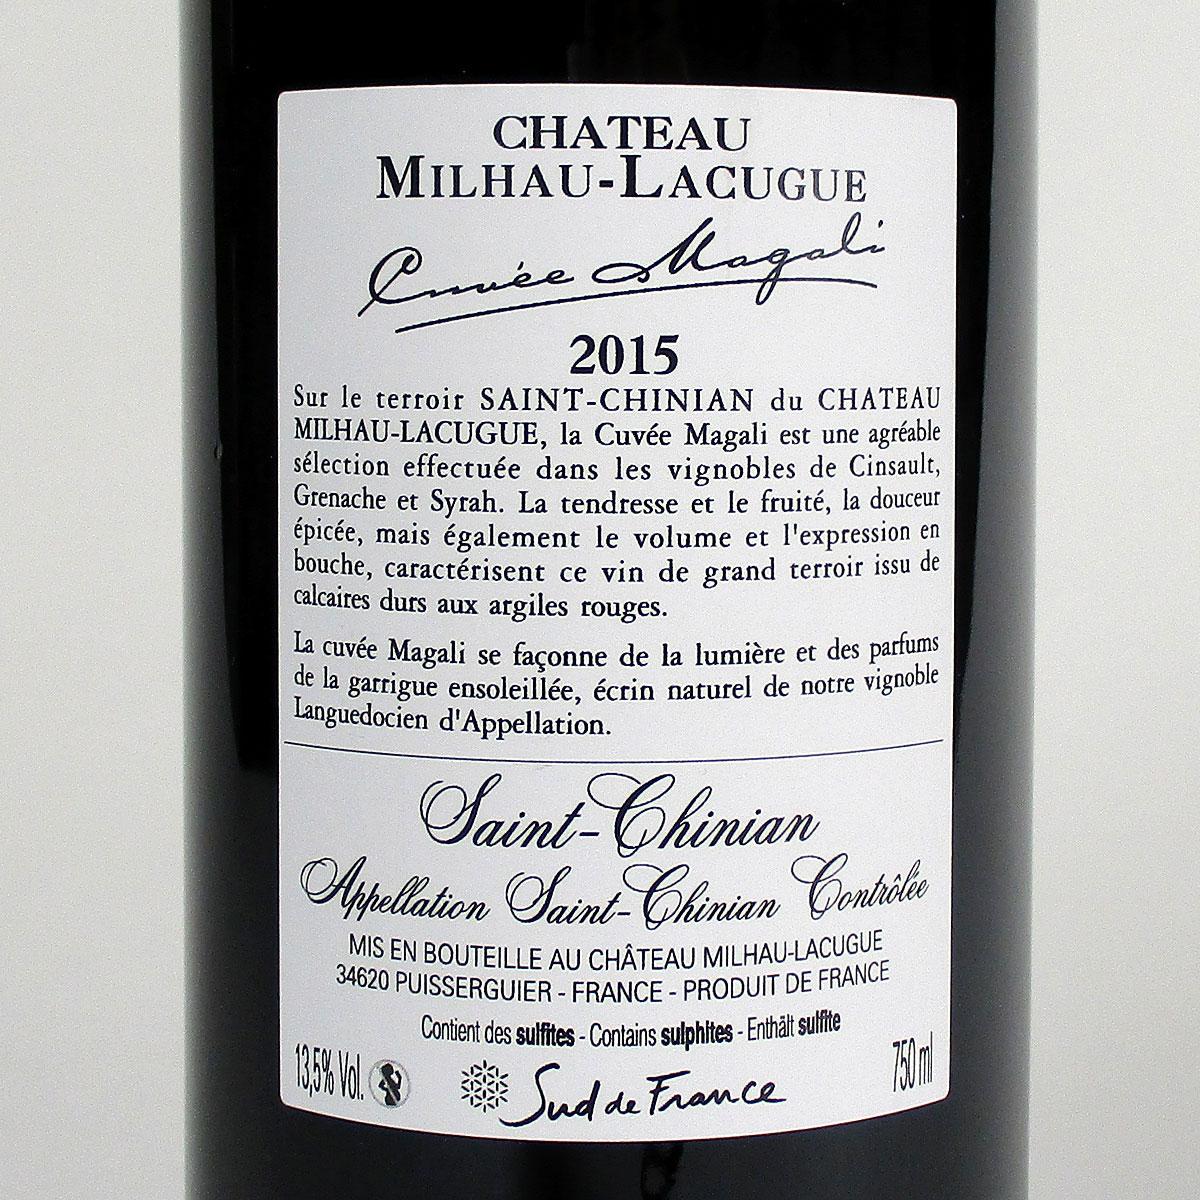 Saint-Chinian: Château Milhau-Lacugue 'Cuvée Magali' 2015 - Bottle Rear Label